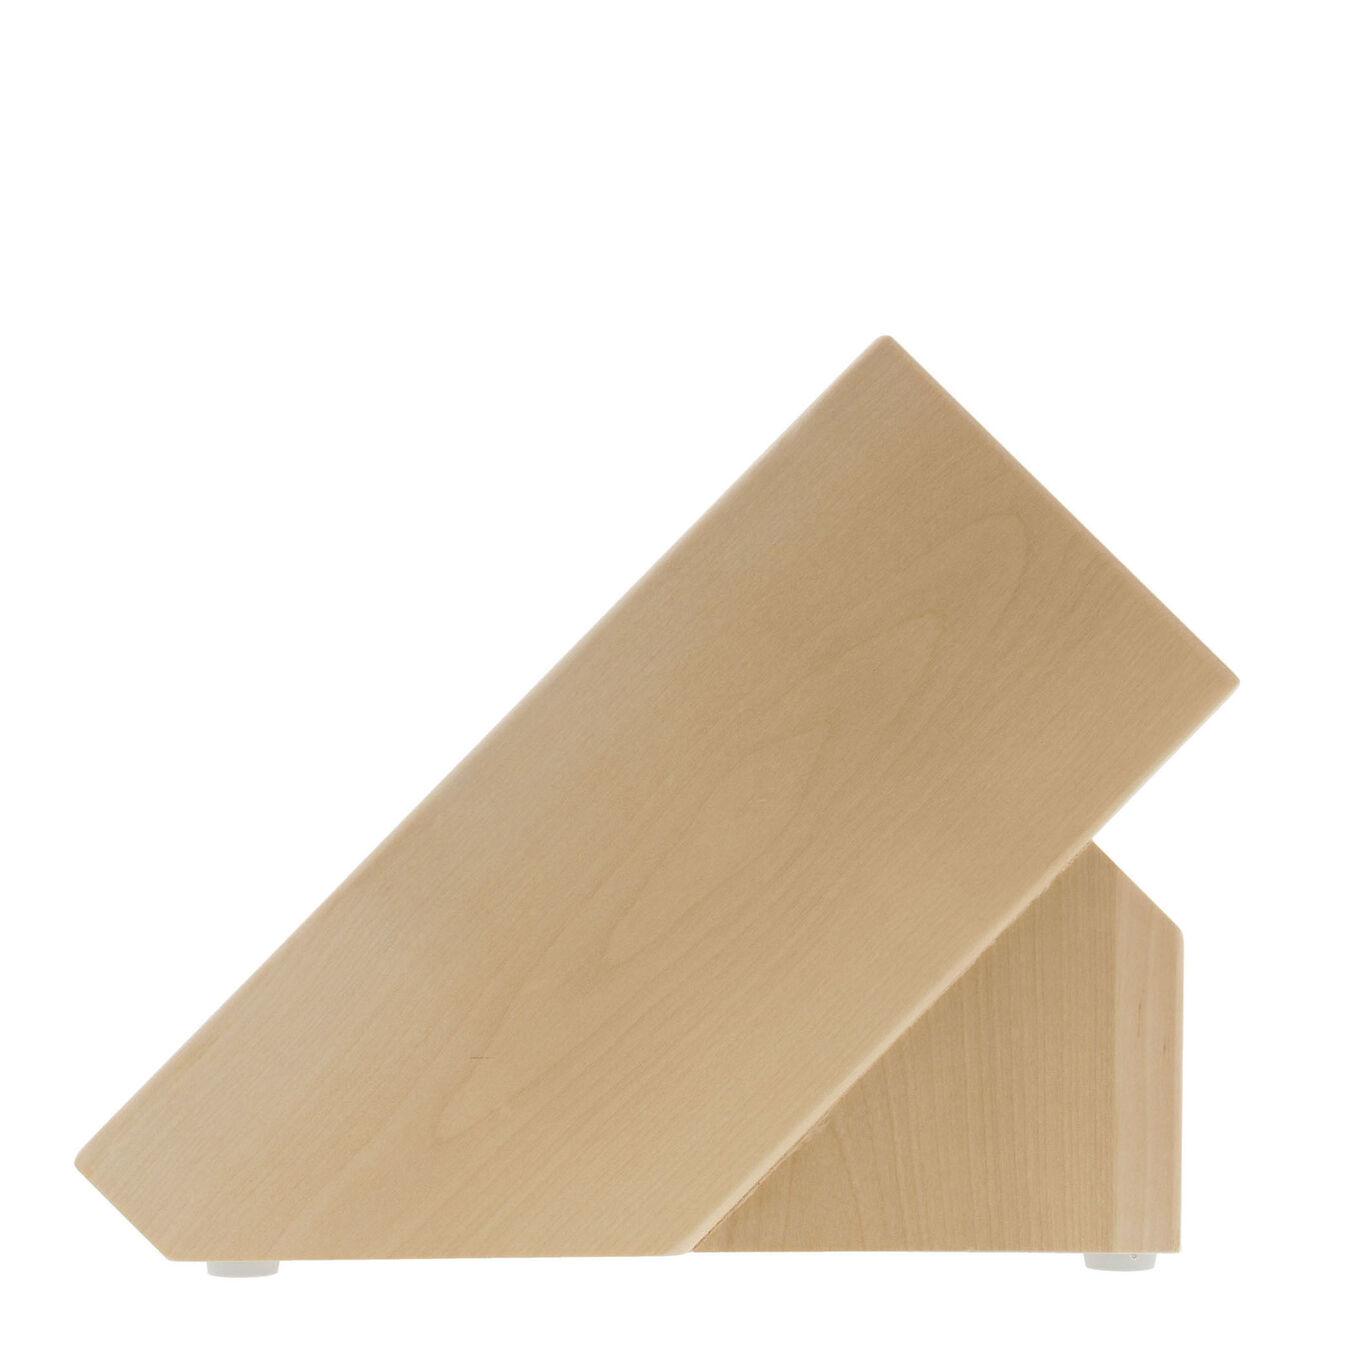 Birchwood Natural 16-slot block,,large 5